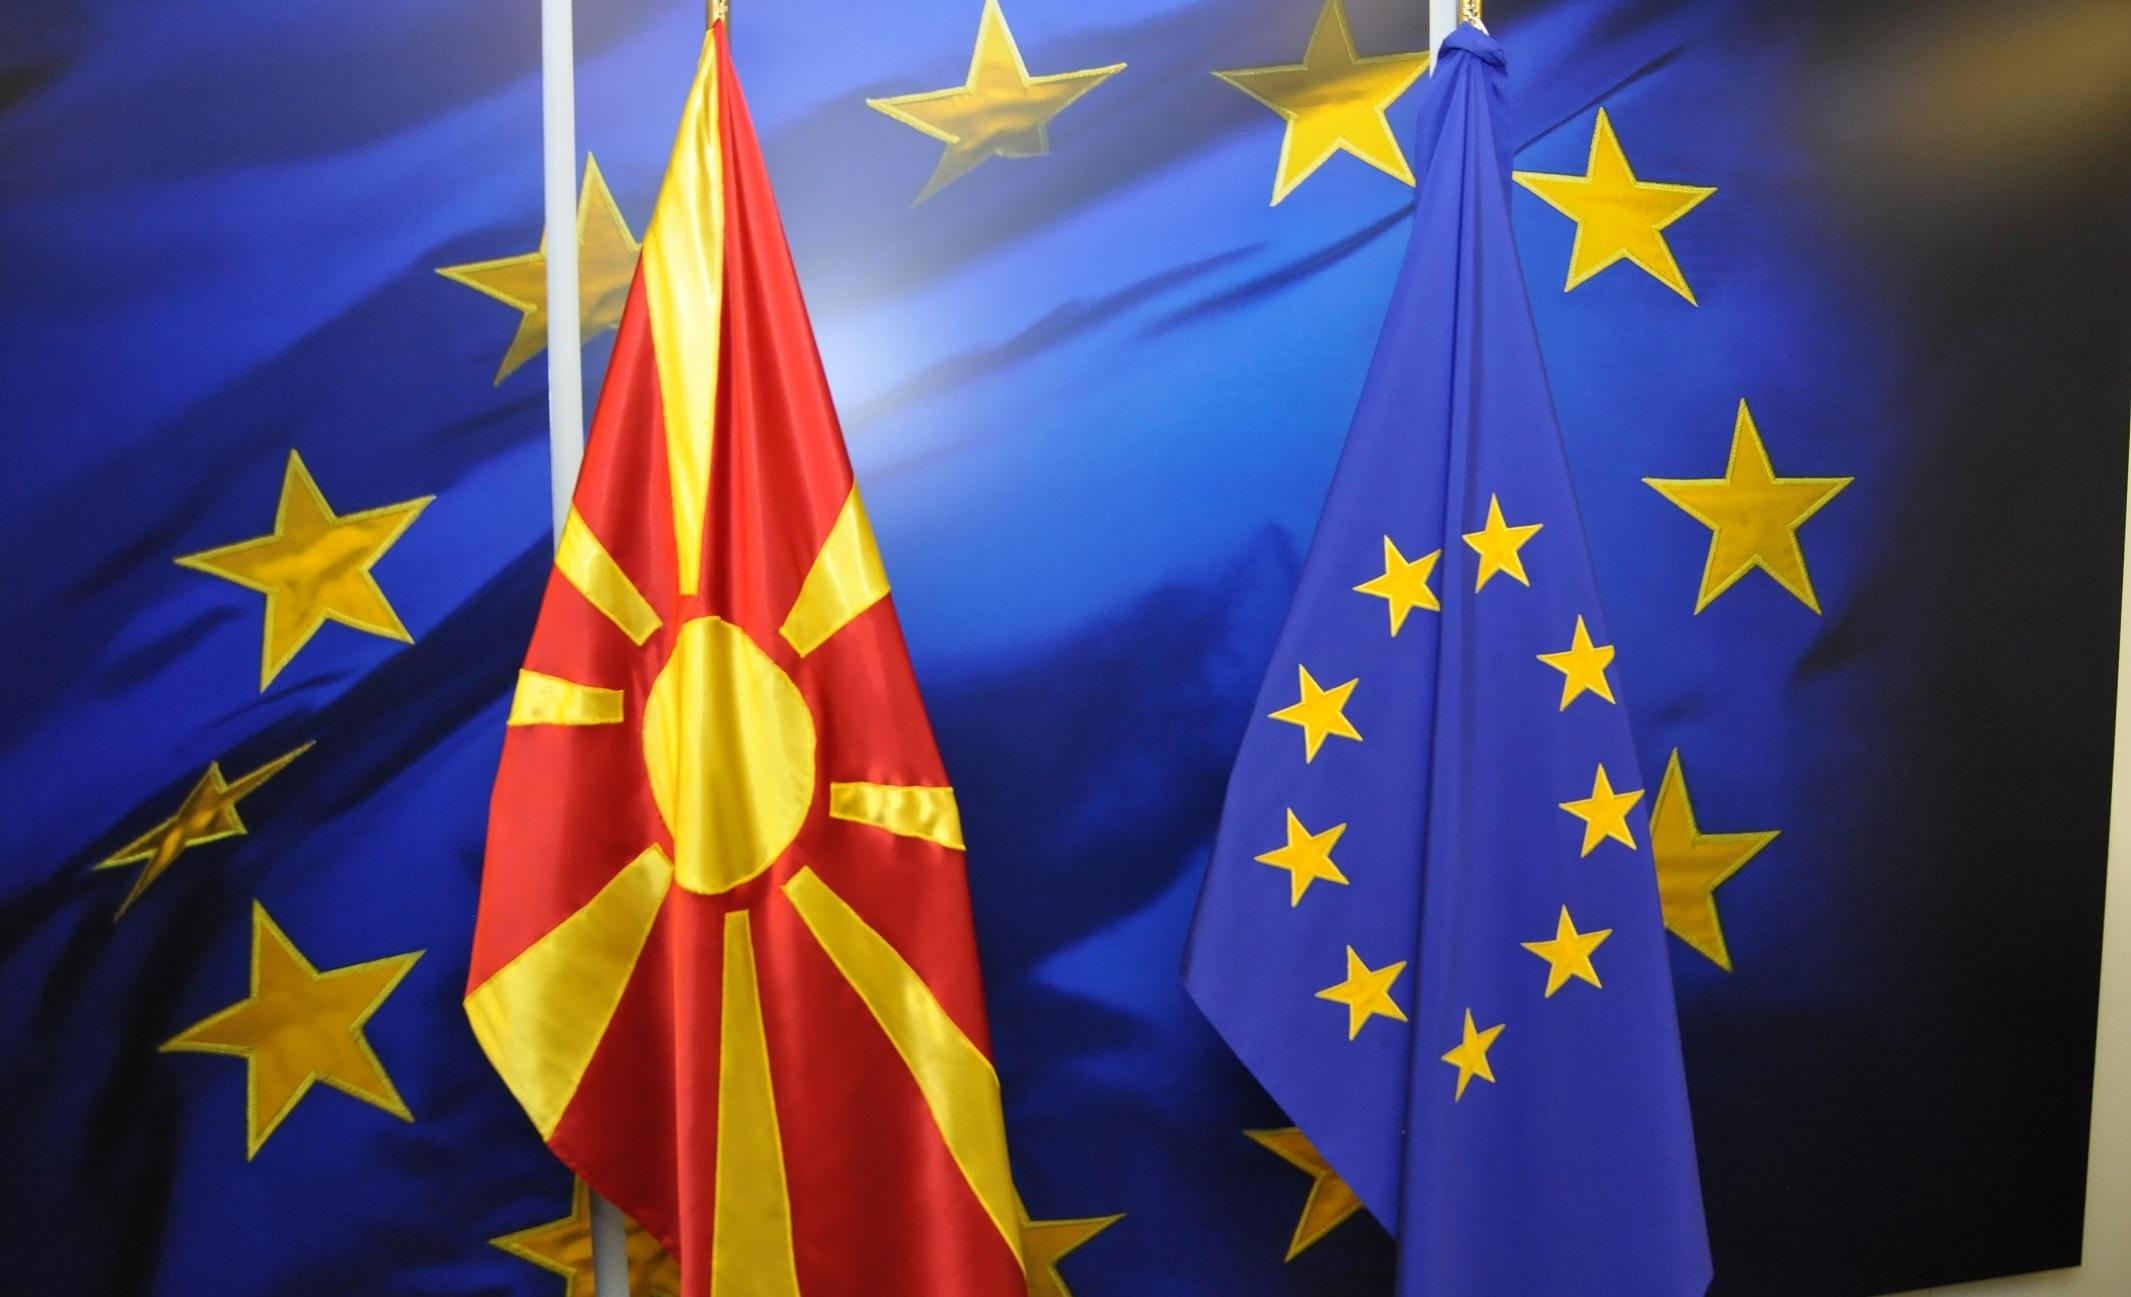 Η έκθεση προόδου προκαλεί αντιδράσεις στη Βόρεια Μακεδονία